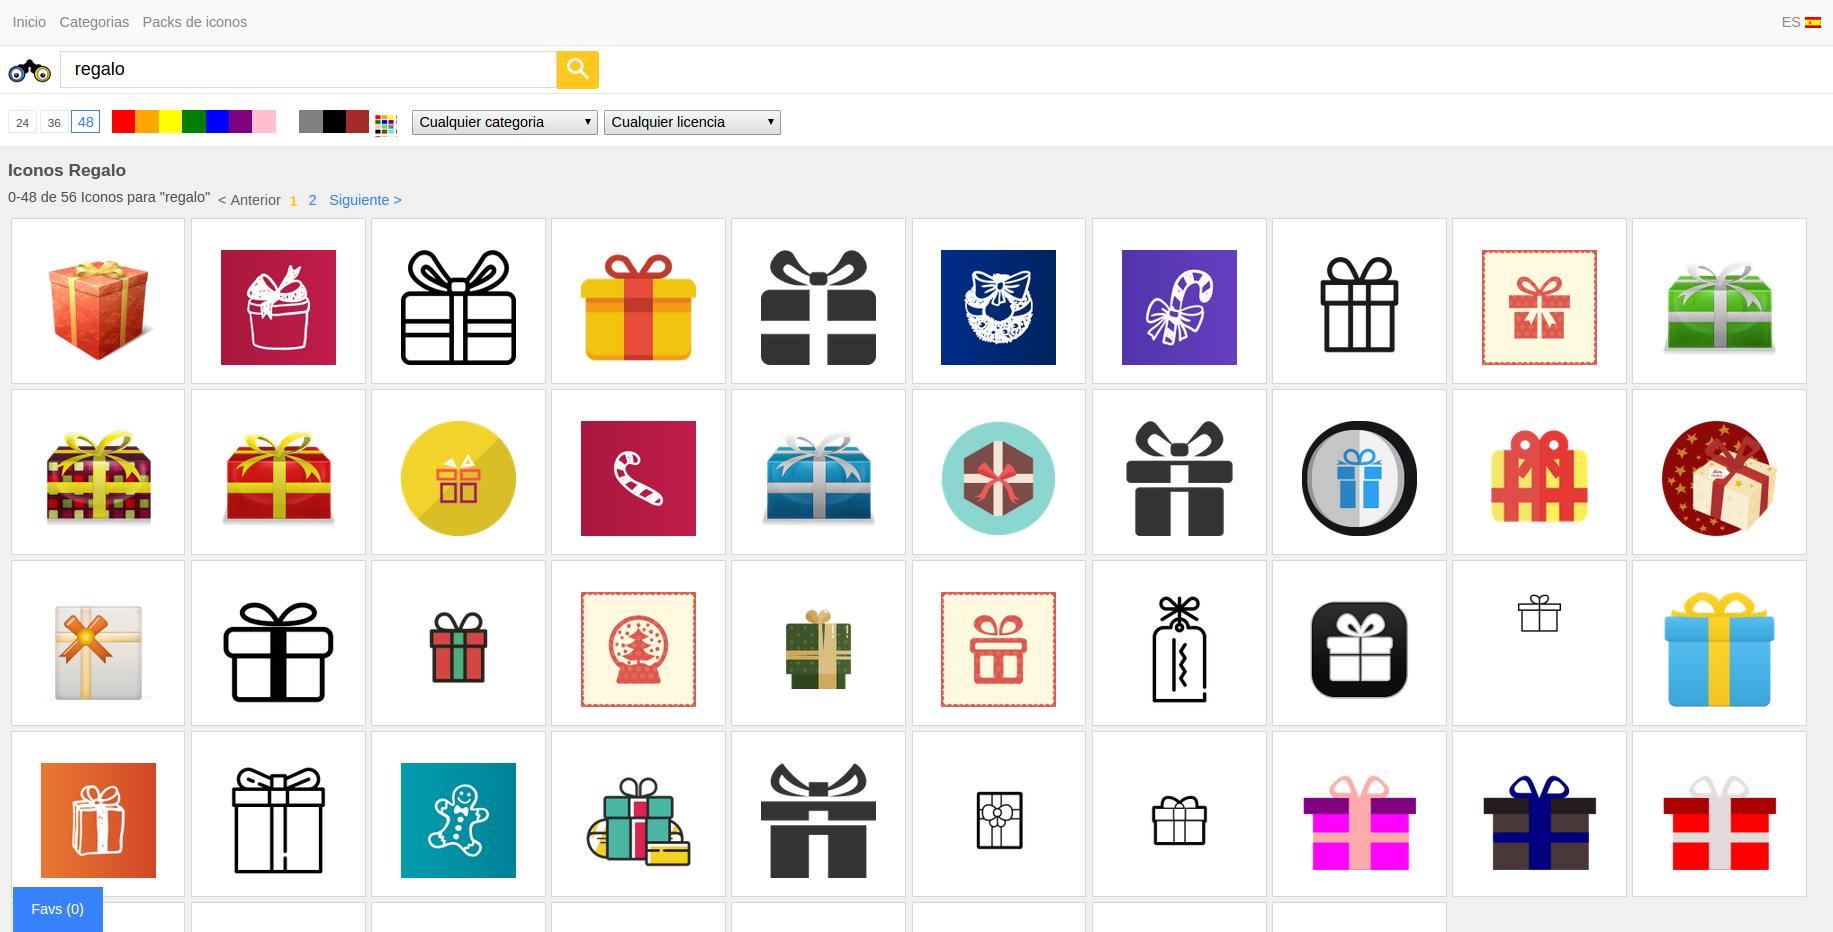 Iconos gratis! Descarga iconos png,ico o icons.